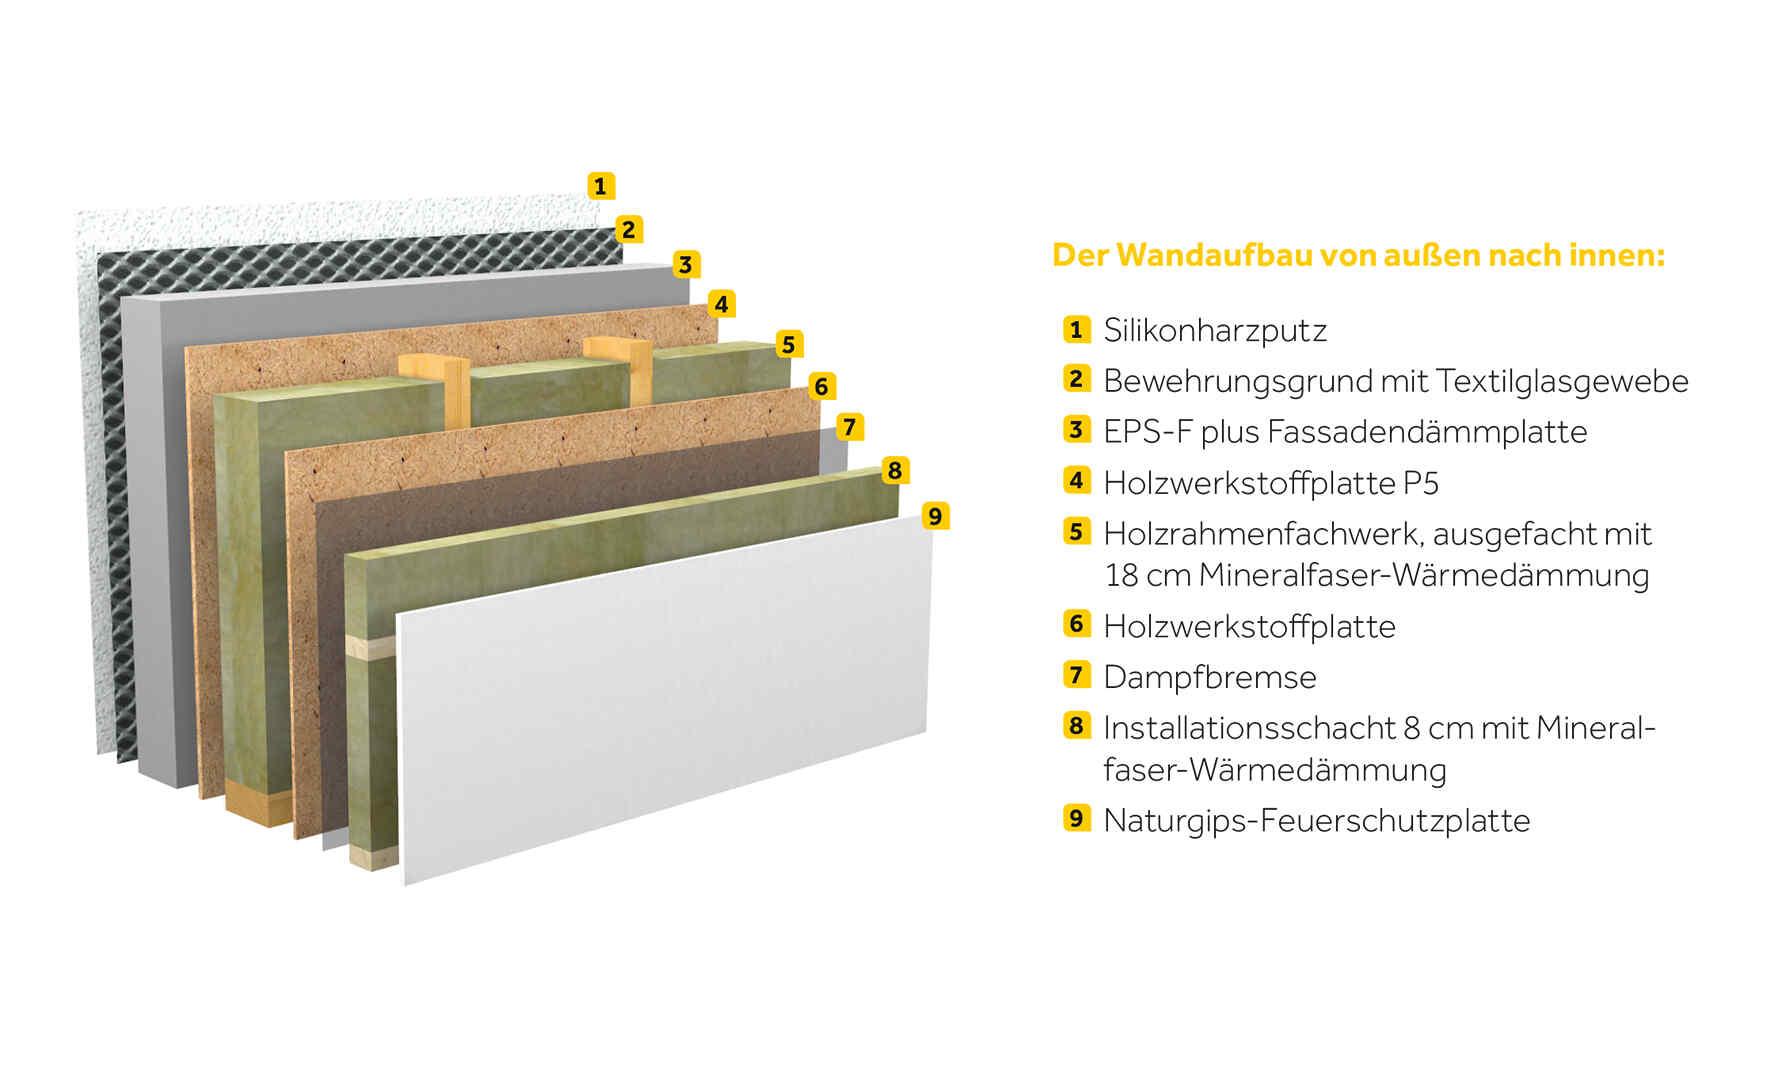 Passivhaus wandaufbau  PassivhausLine | Wände, Decken & Fenster | Individuell geplant ...